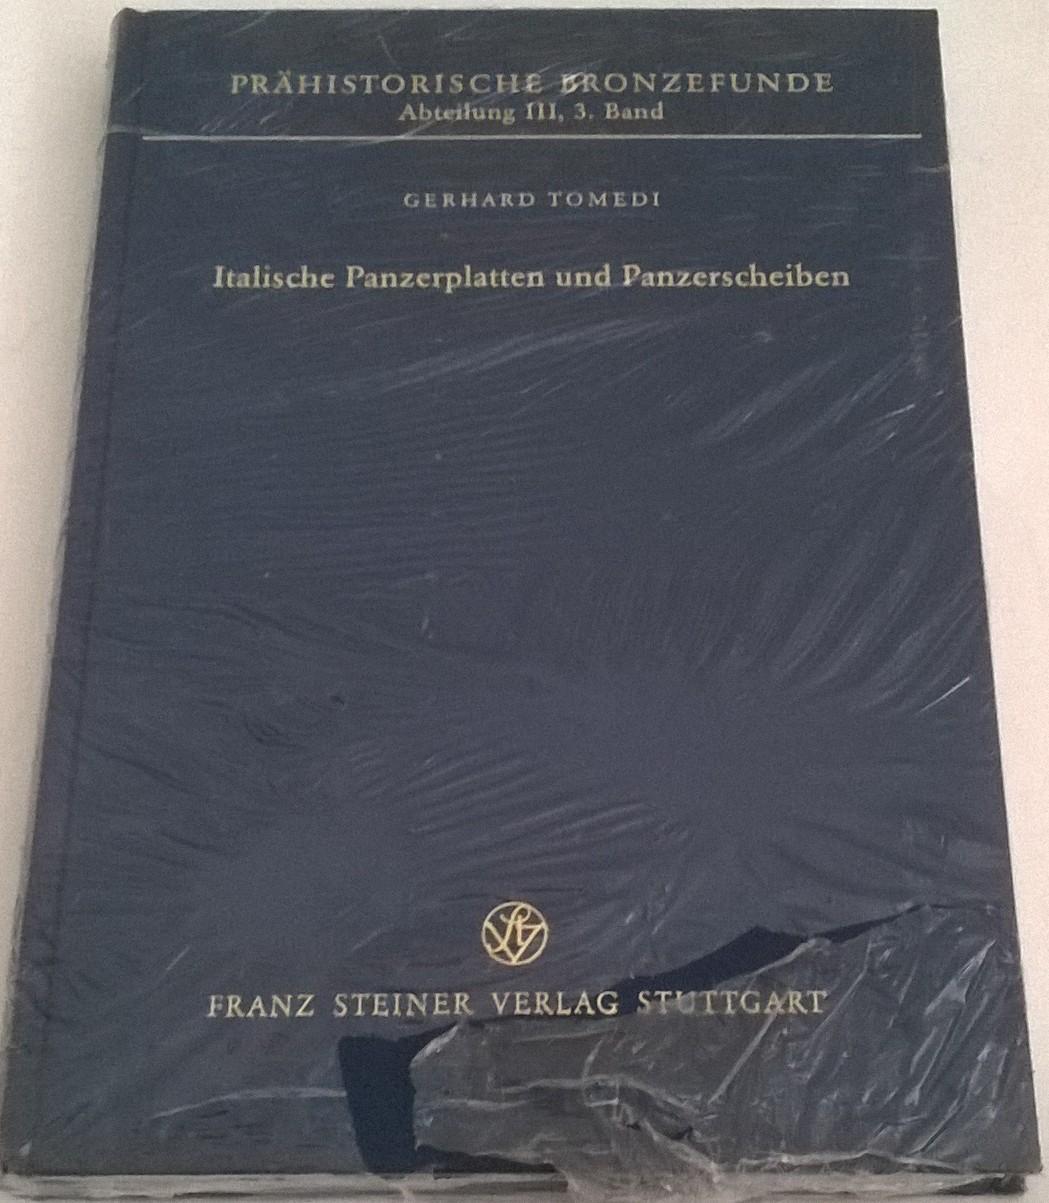 Italische Panzerplatten und Panzerscheiben :Prahistorische Bronzefunde Abteilung III, 3. Band, Tomedi, Gerhard ;